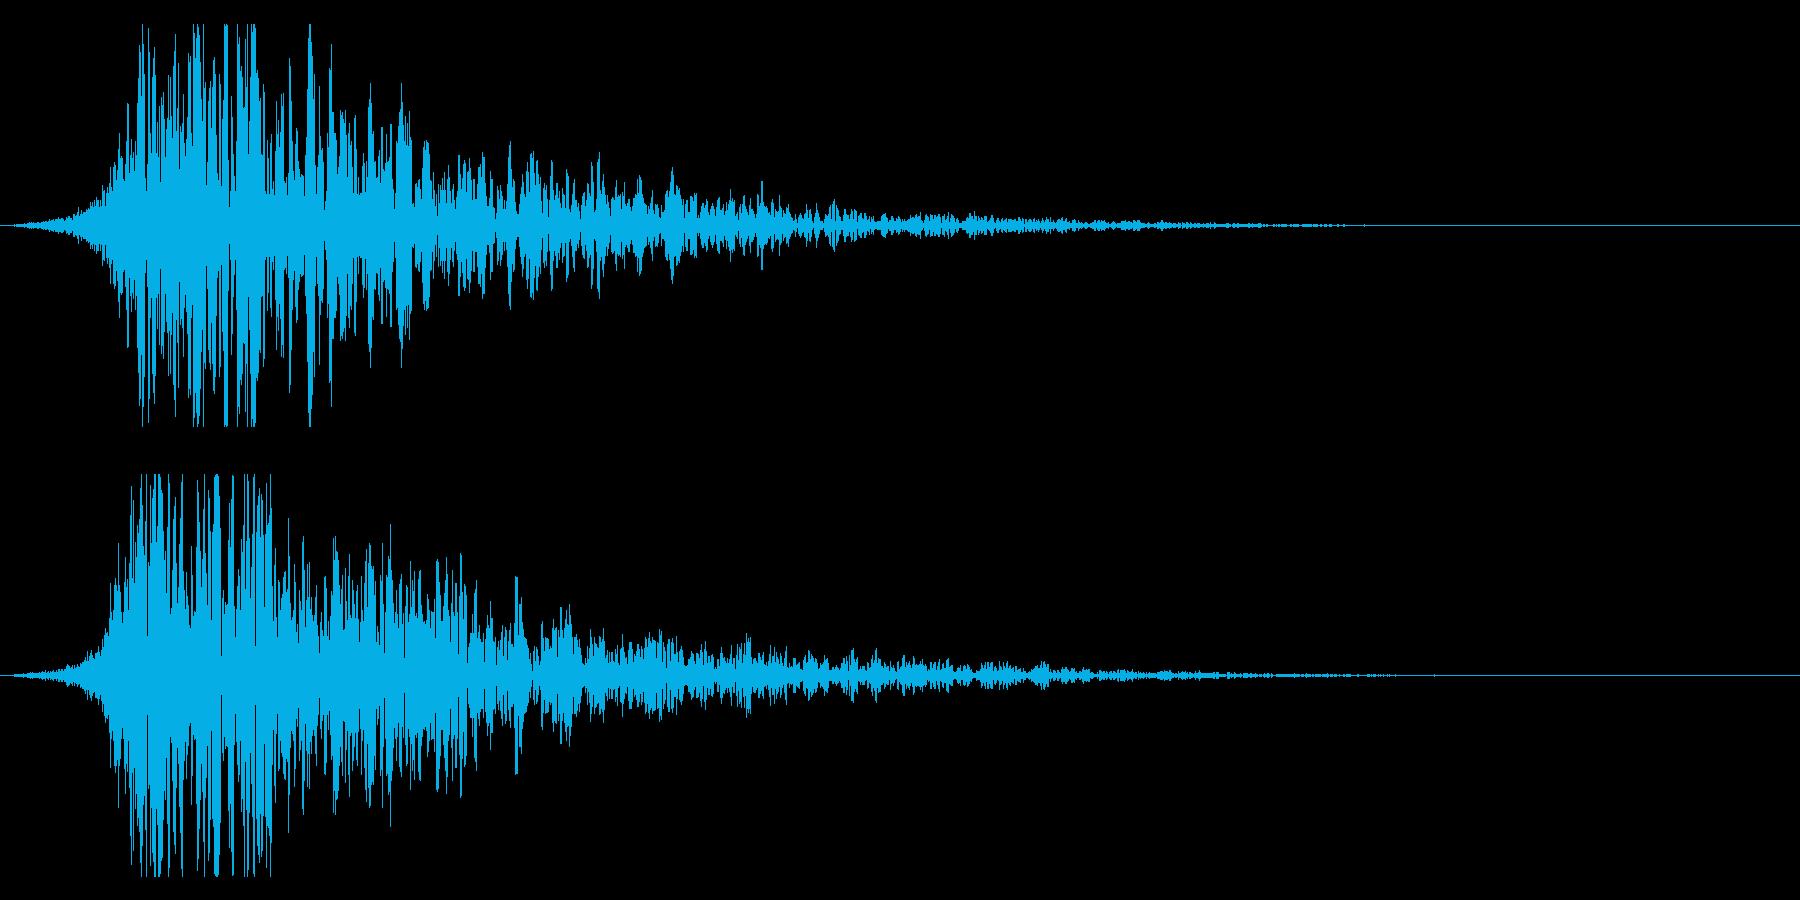 シュードーン-21-2(インパクト音)の再生済みの波形